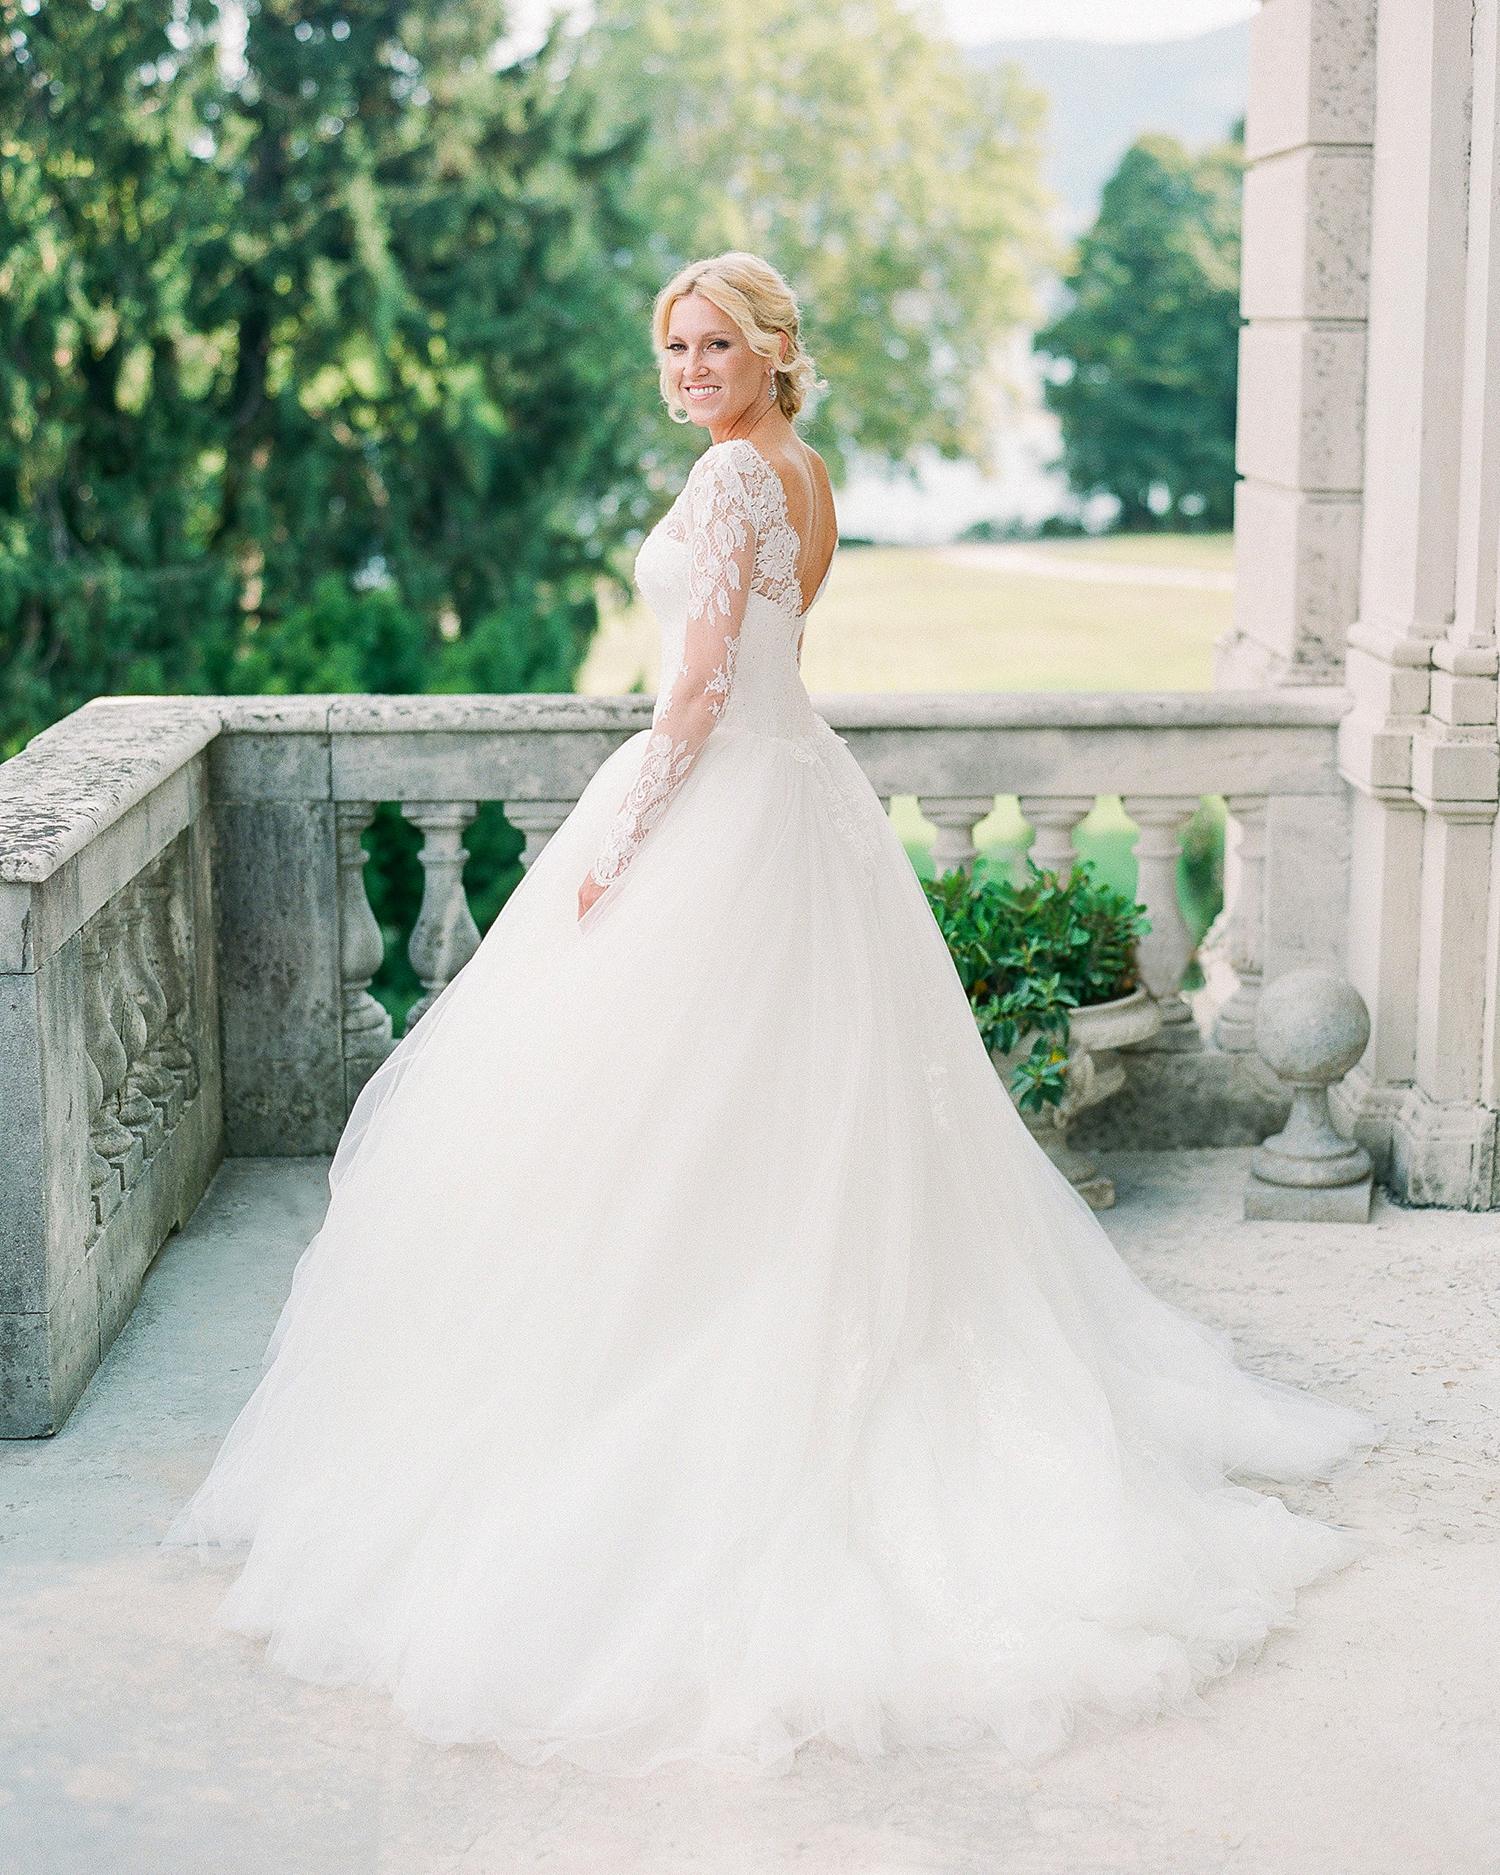 julia mauro wedding bride standing on balcony